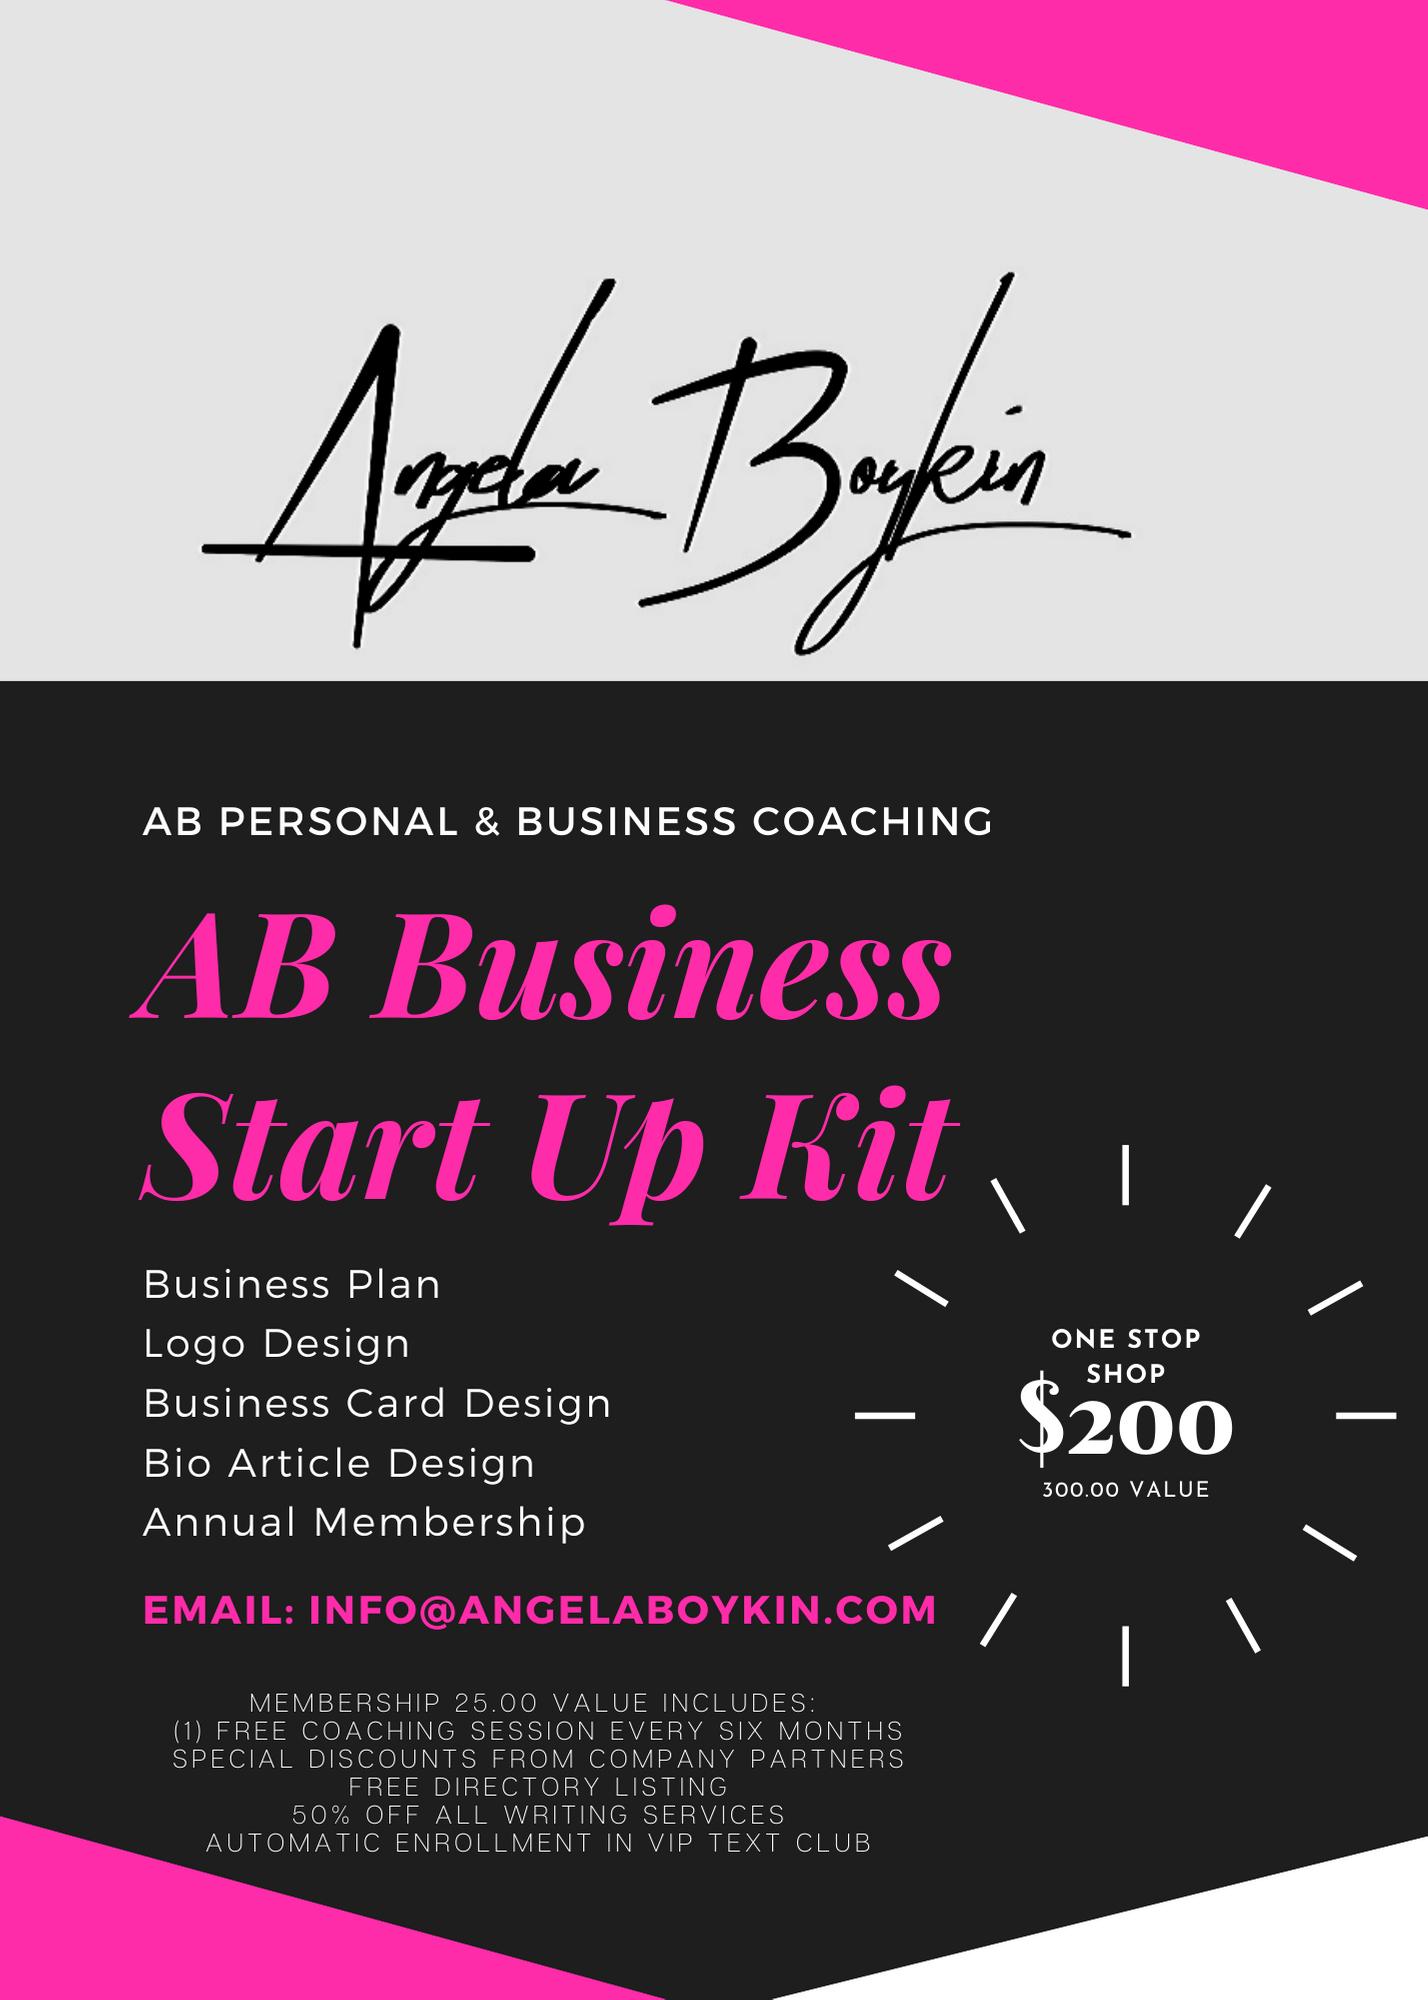 AB Business Start Up Kit